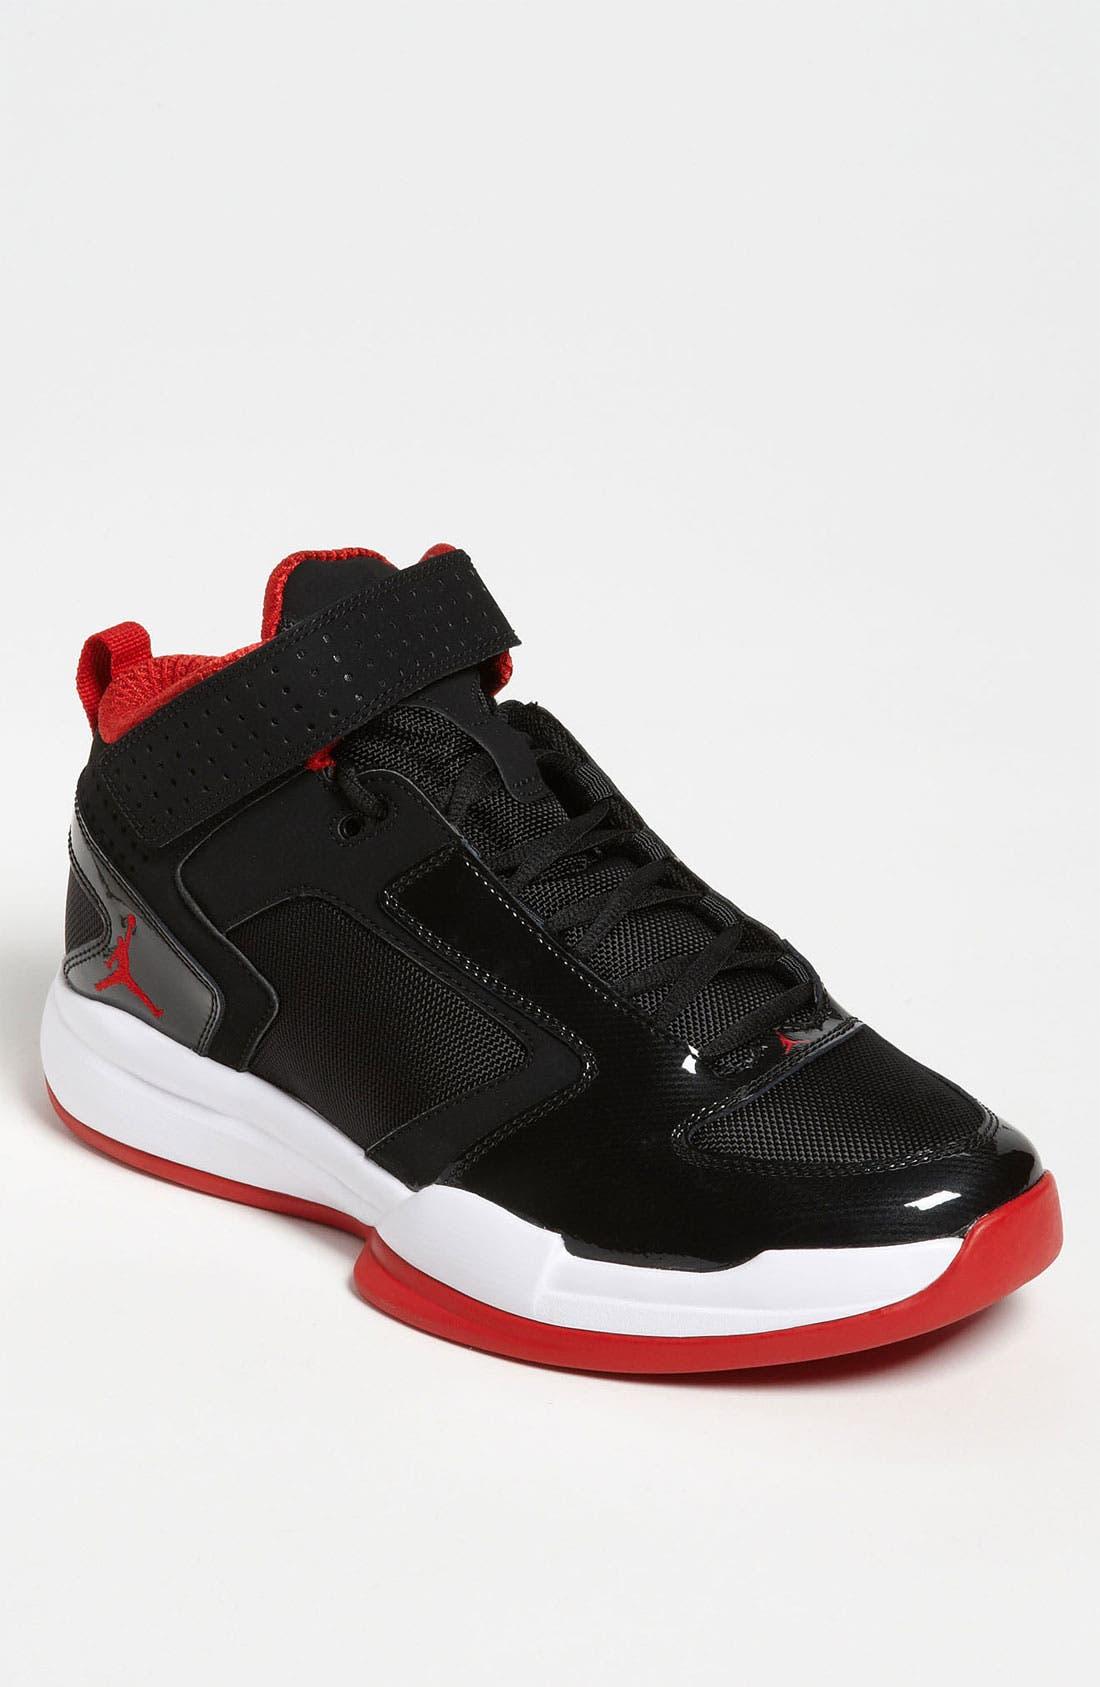 Main Image - Nike 'Jordan BCT Mid' Basketball Shoe (Men)